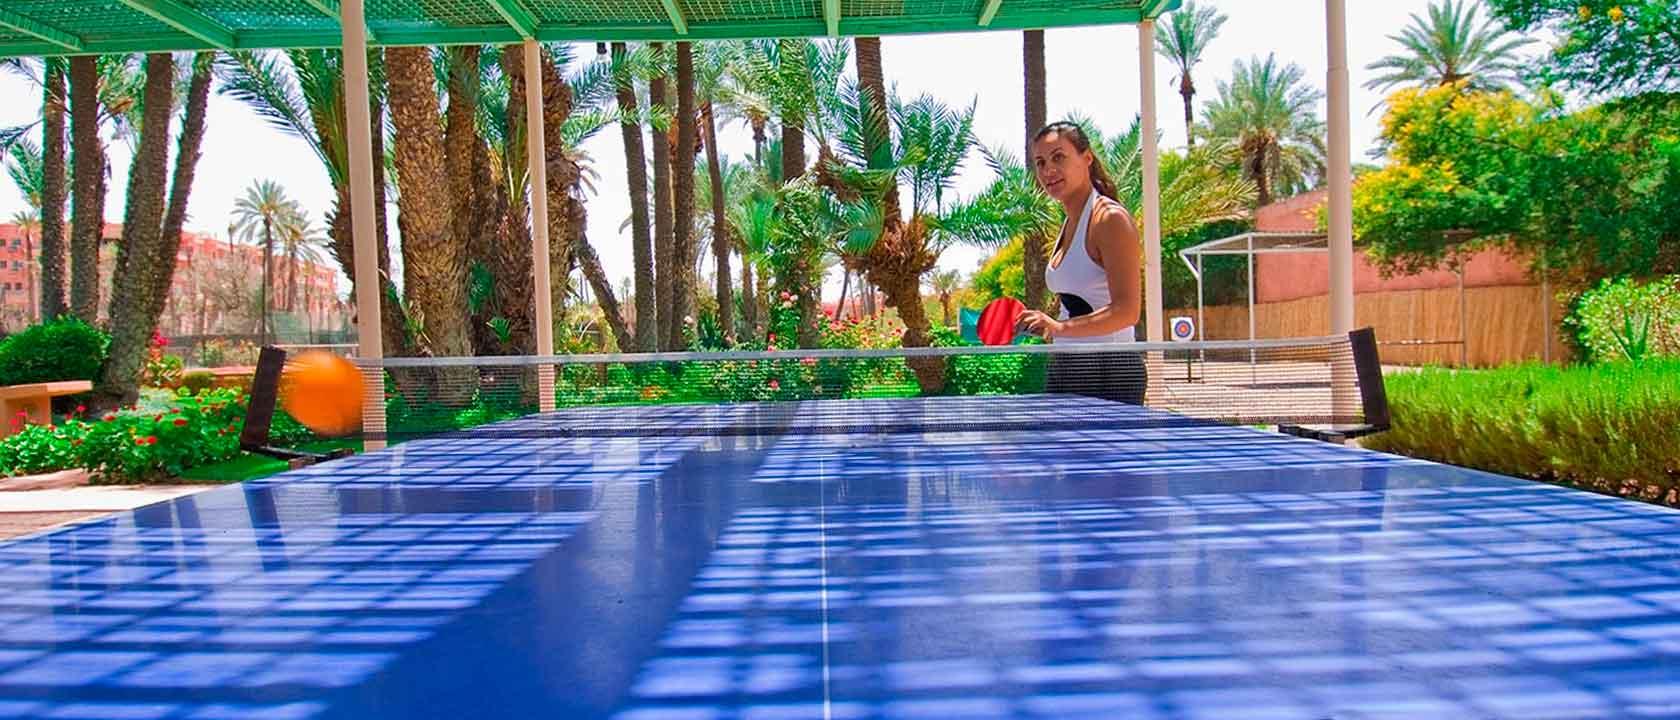 3 consejos c mo proteger y cuidar la mesa de ping pong for Mesa de ping pong exterior